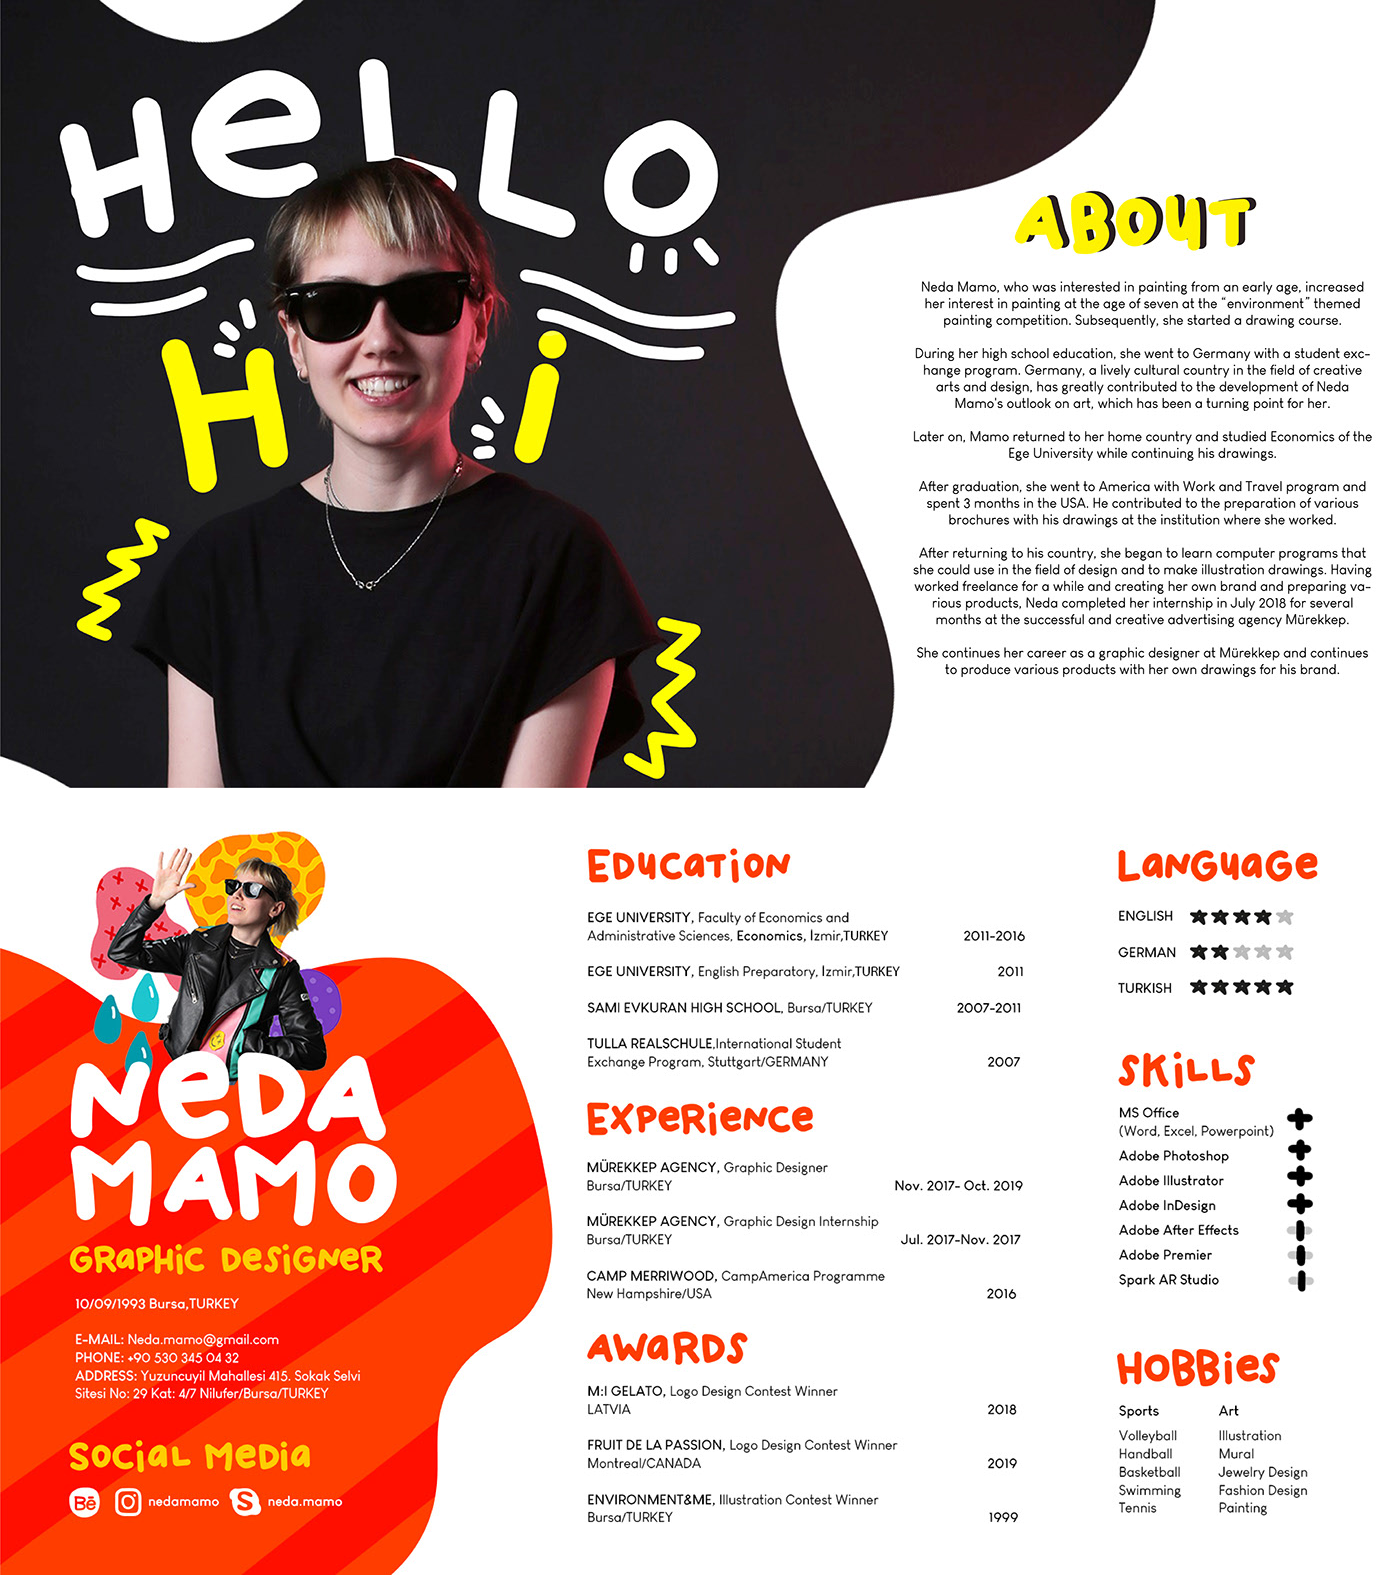 Graphic Designer Cv Portfolio In 2020 Graphic Design Cv Resume Design Creative Cv Design